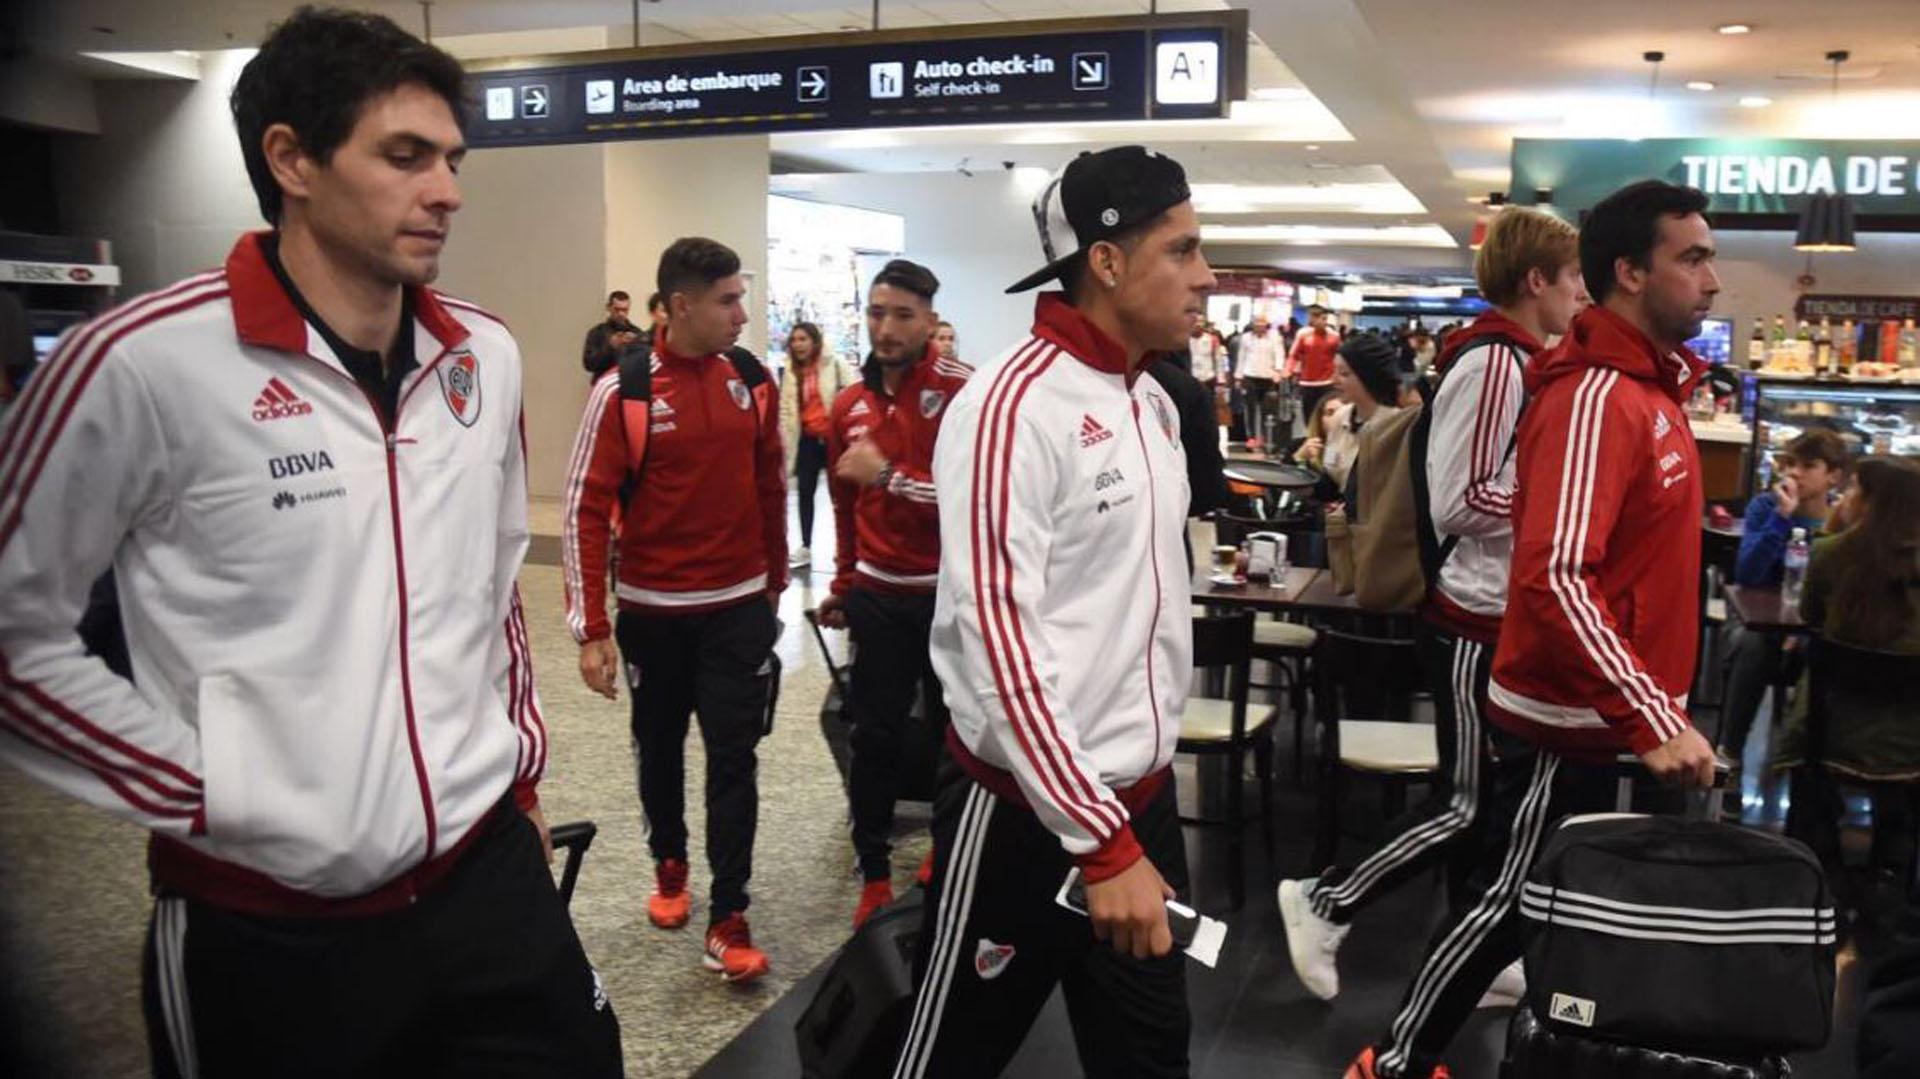 Germán Lux y Enzo Pérez, dos de los refuerzos de River, viajaron junto al plantel a Paraguay para el partido con Guaraní por la ida de los octavos de final de la Copa Libertadores 2017